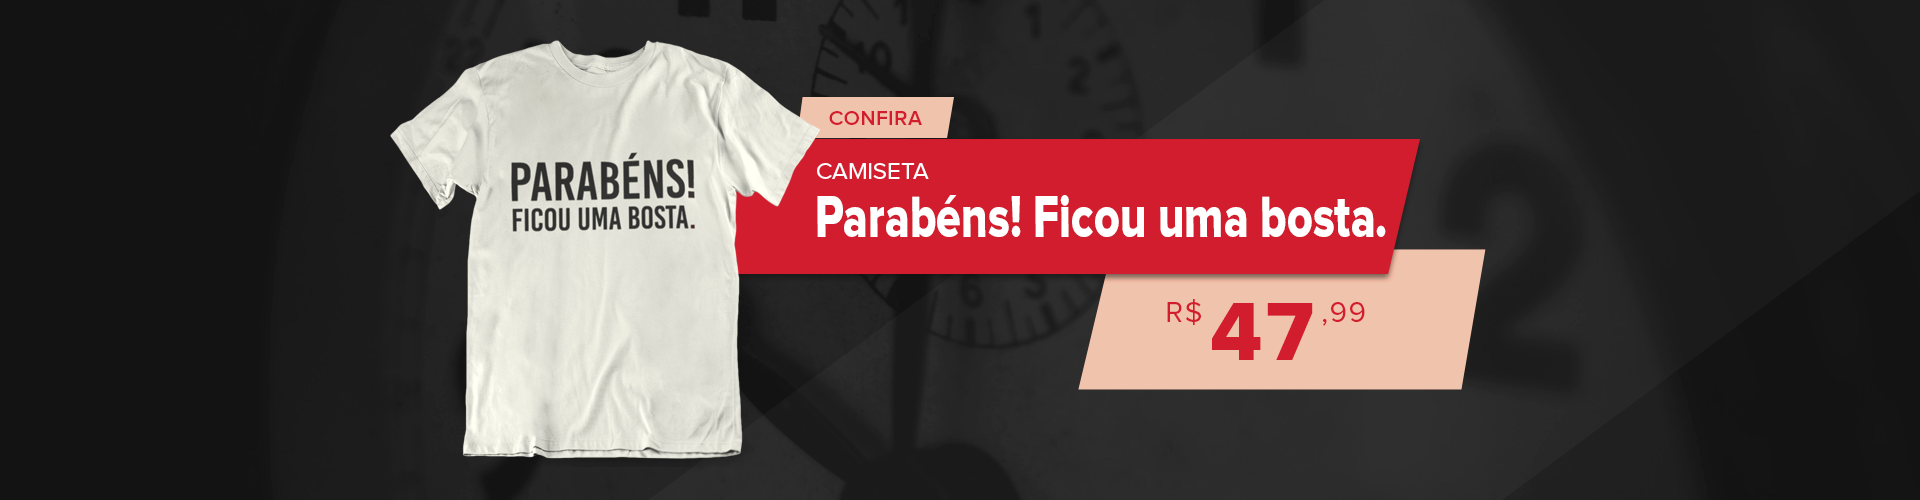 fullbanner_camiseta_parabens_bosta